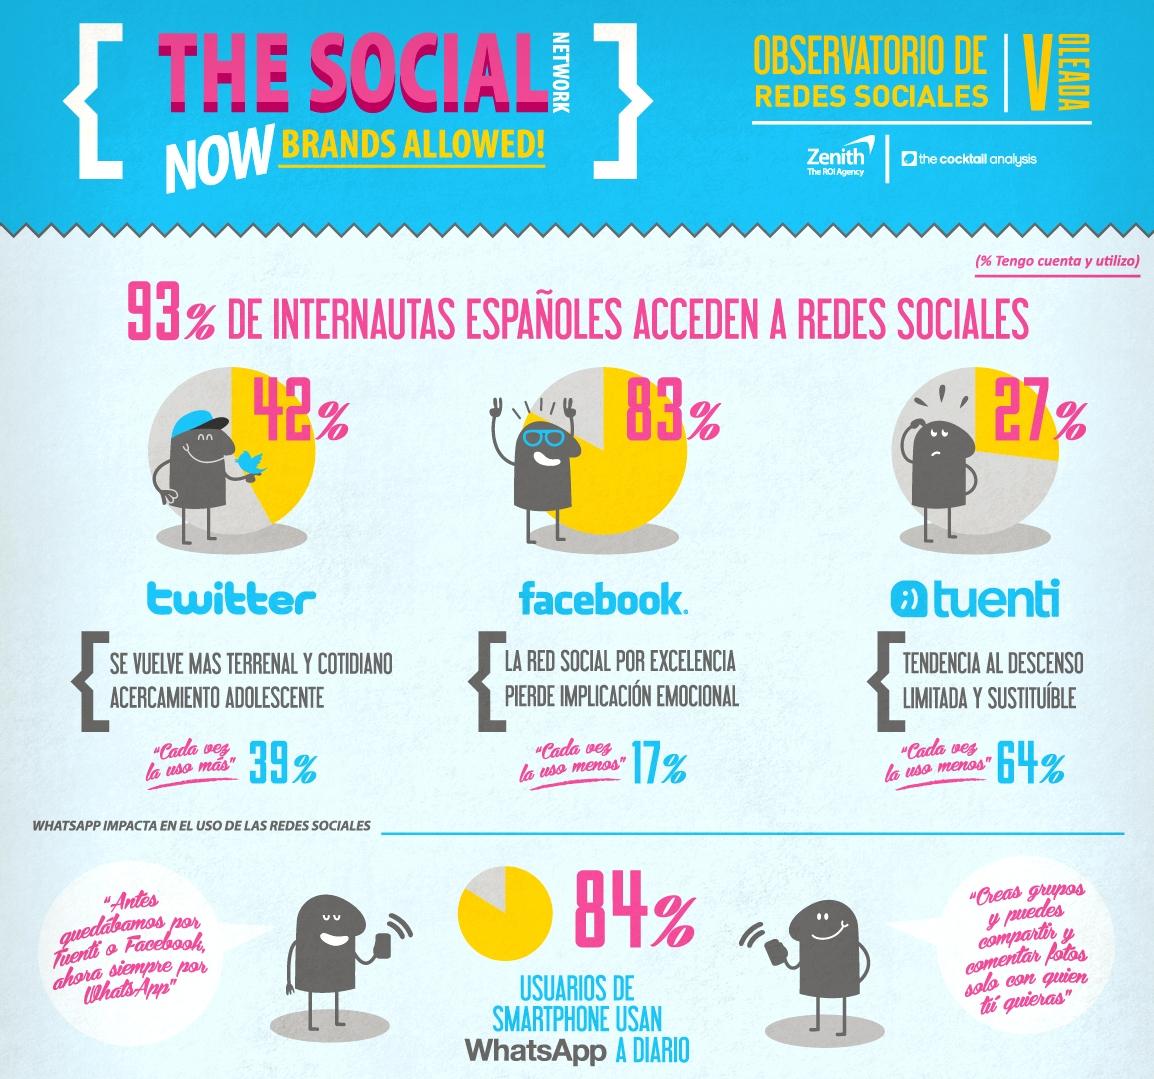 La importancia de las Redes Sociales para llegar al público y darnos a conocer, también para los emprendedores, PYMEs y autónomos.